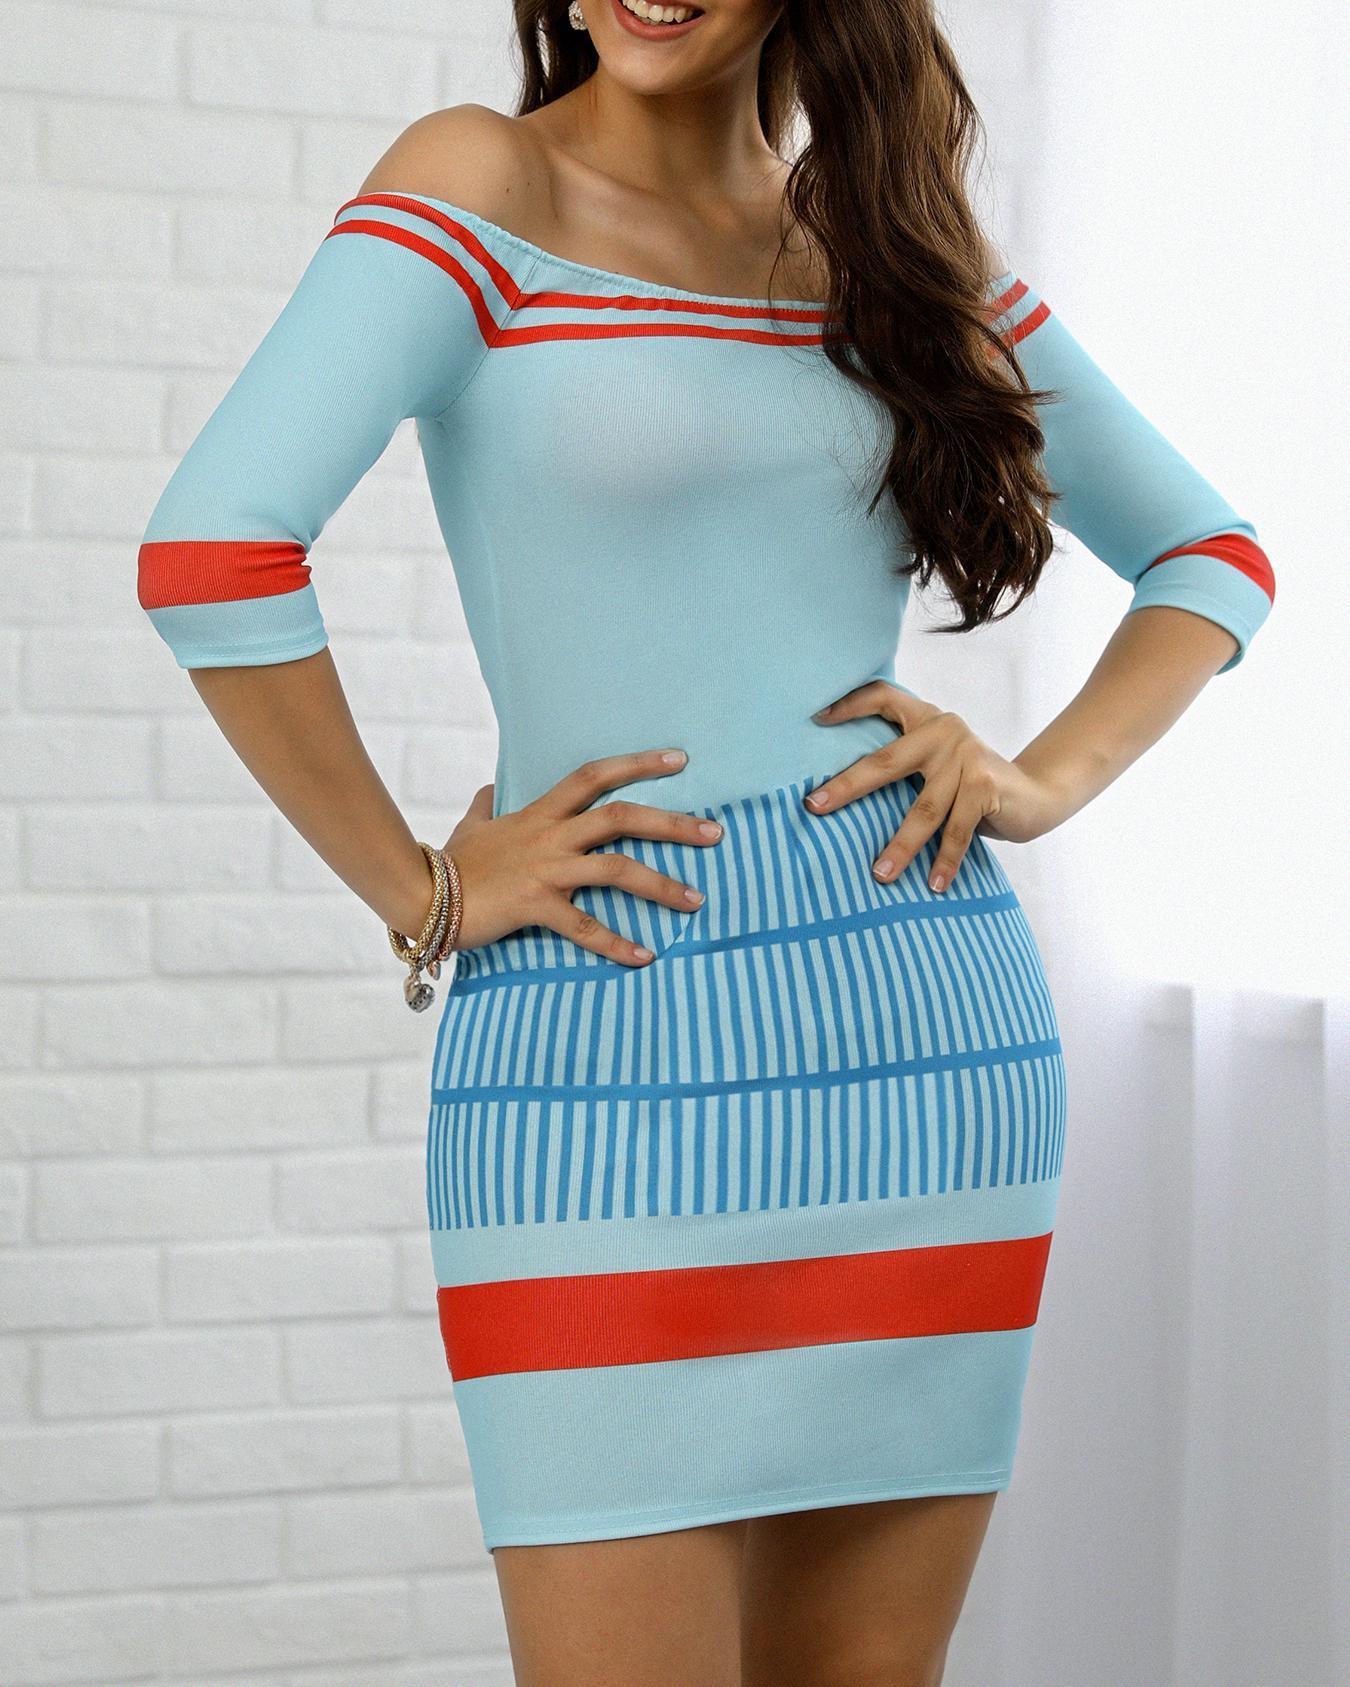 chicme / Vestido ajustado Bardot a media pierna con rayas en contraste